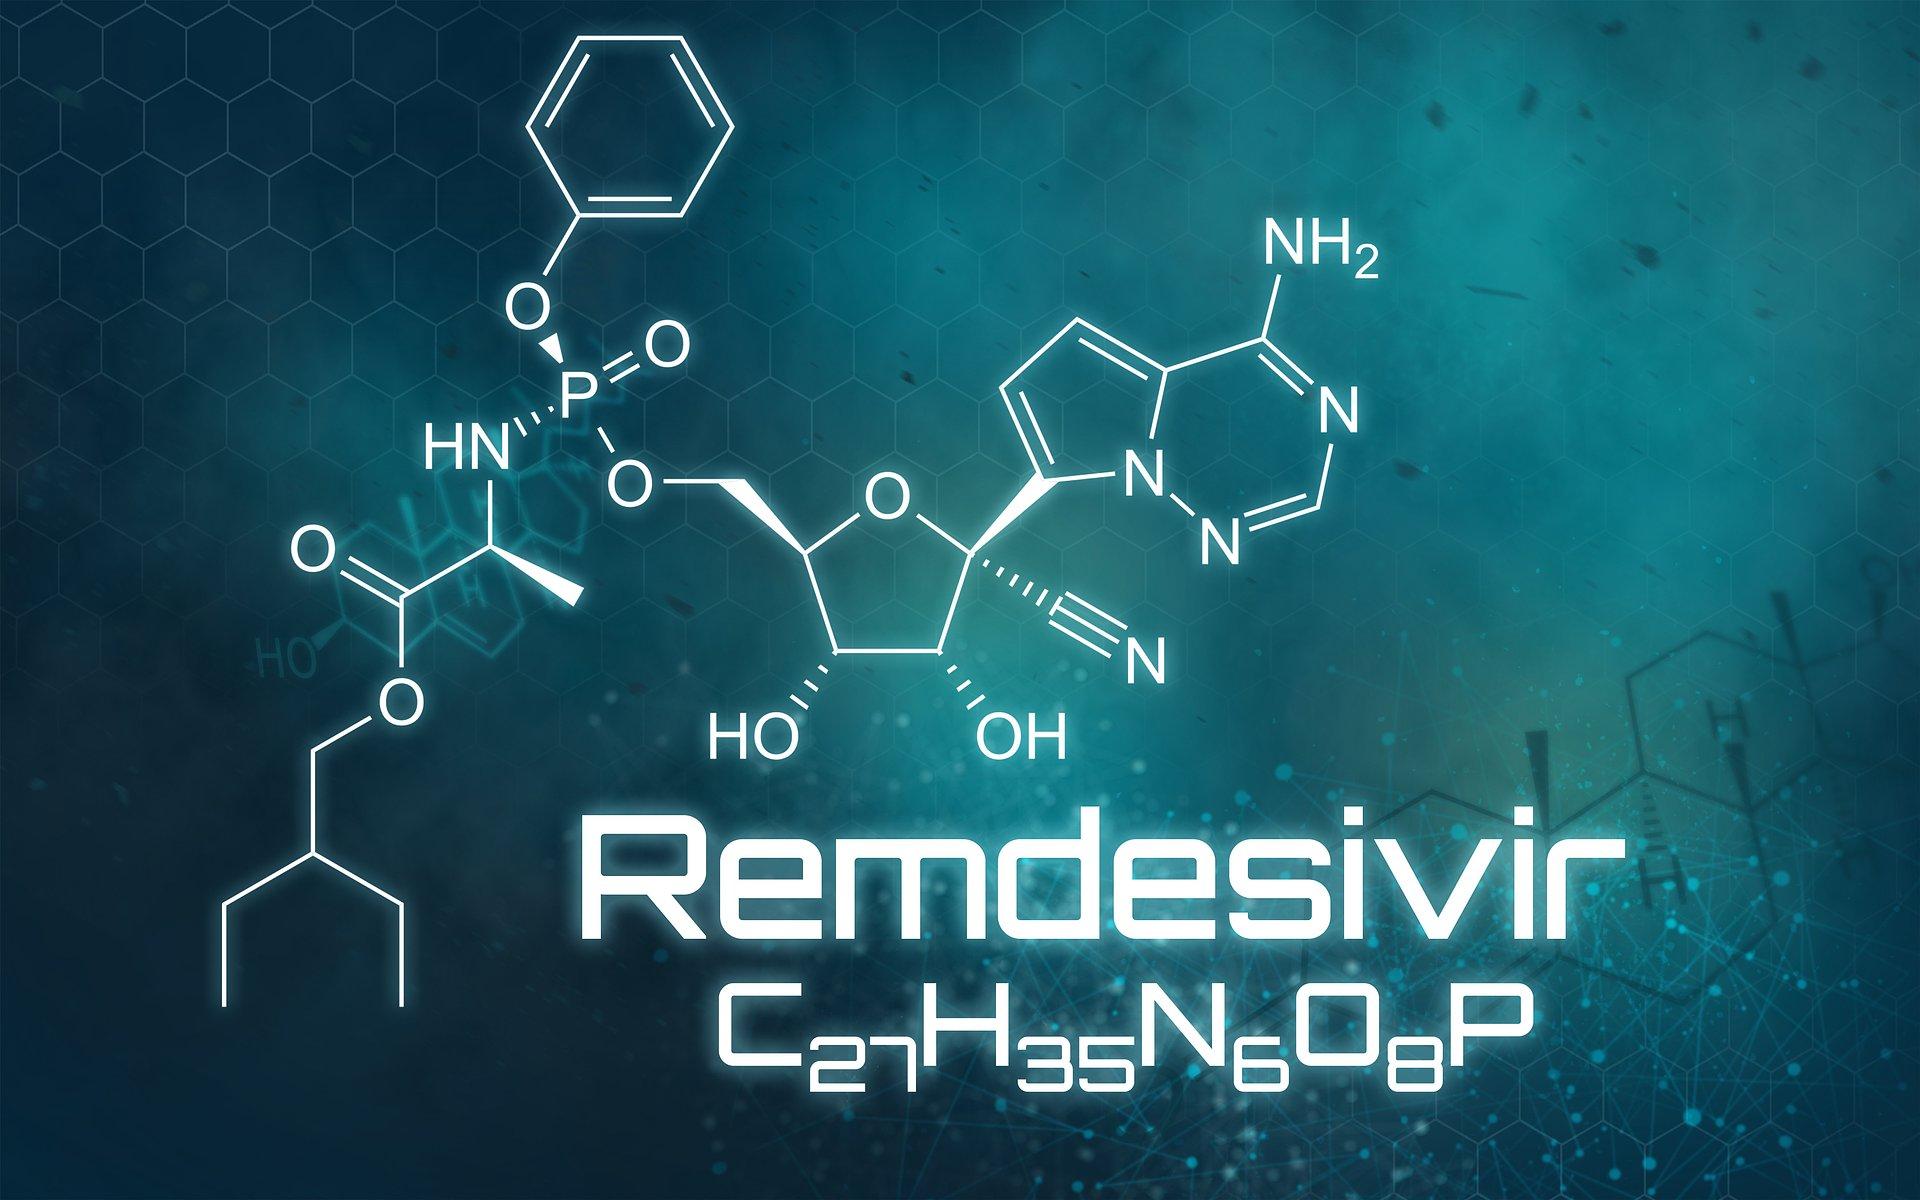 Remdesivir lekiem na COVID-19. Europejska Agencja Leków podjęła decyzję